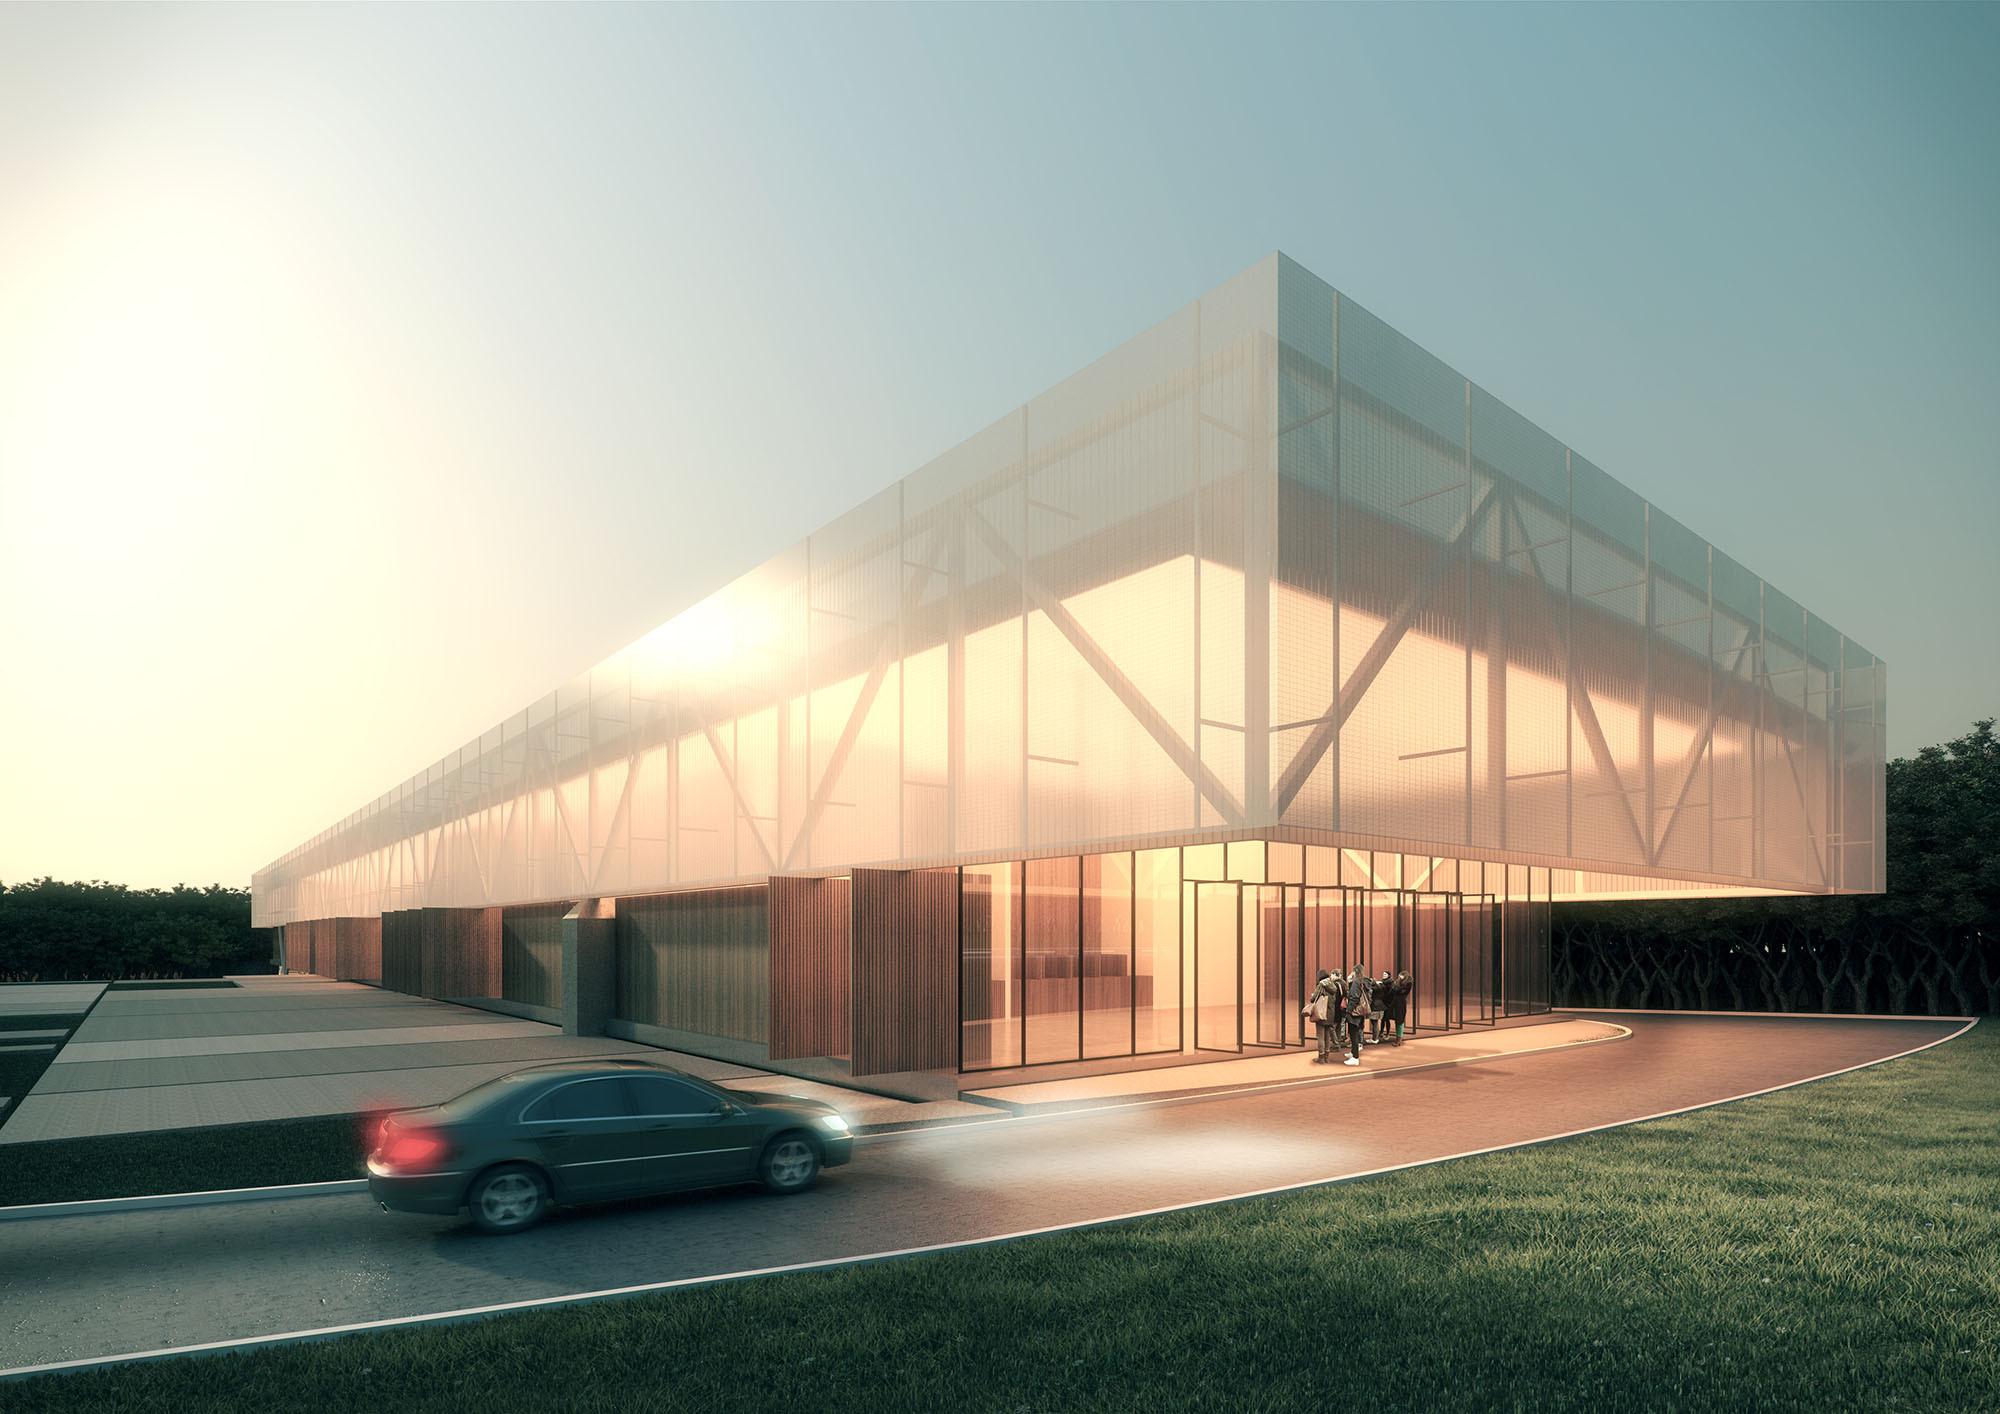 Arquitetura contemporânea, as novidades deste mundo novo.